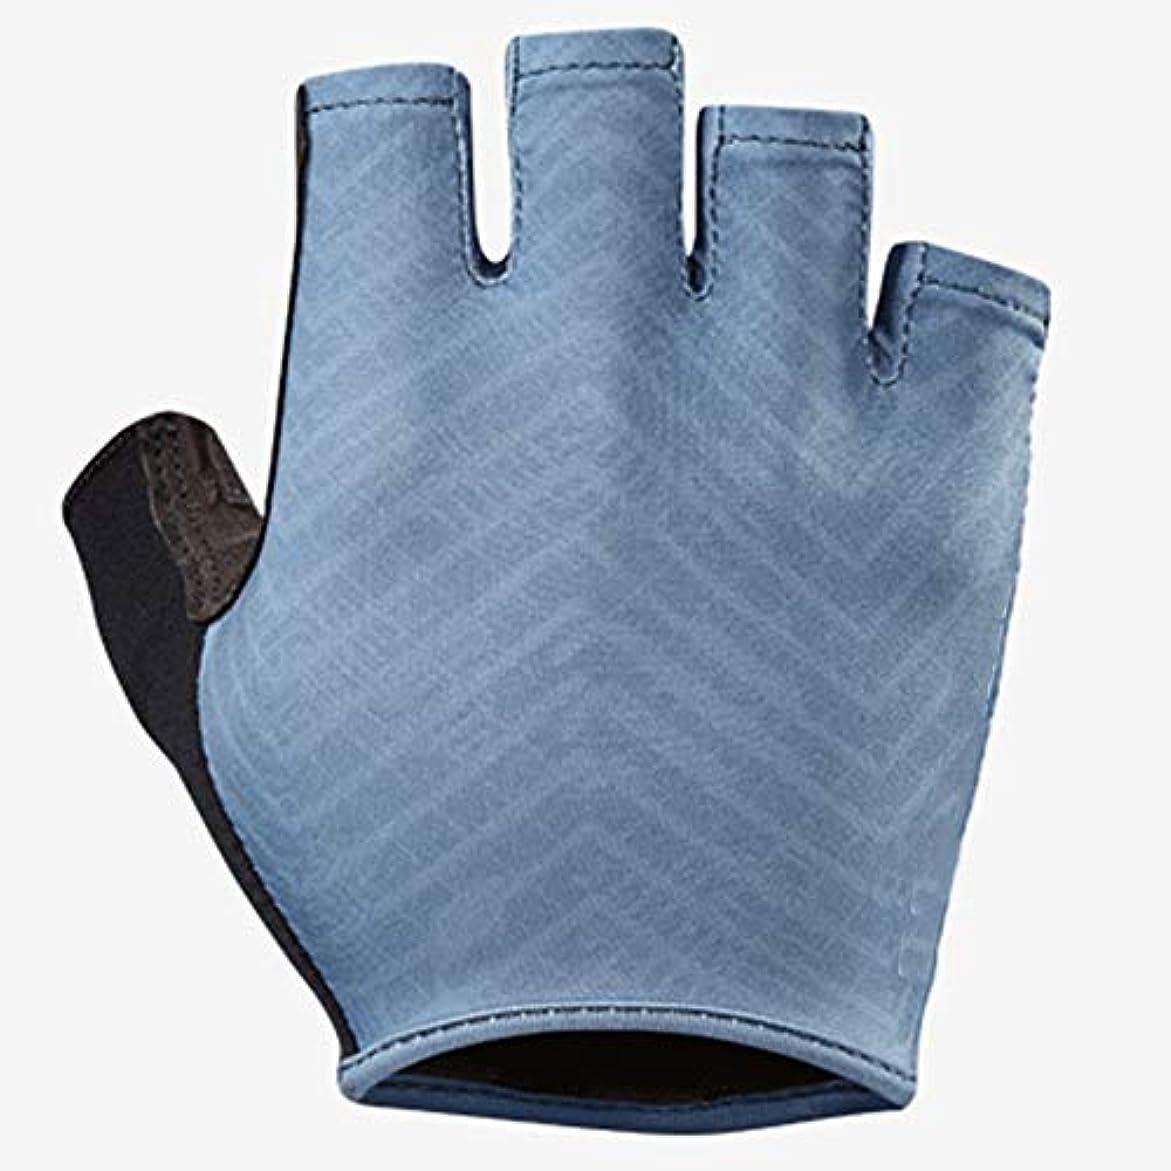 オークランドクスコ出発する新しい男性と女性の空気圧通気性速乾性の短い自転車の乗り物の手袋を指します